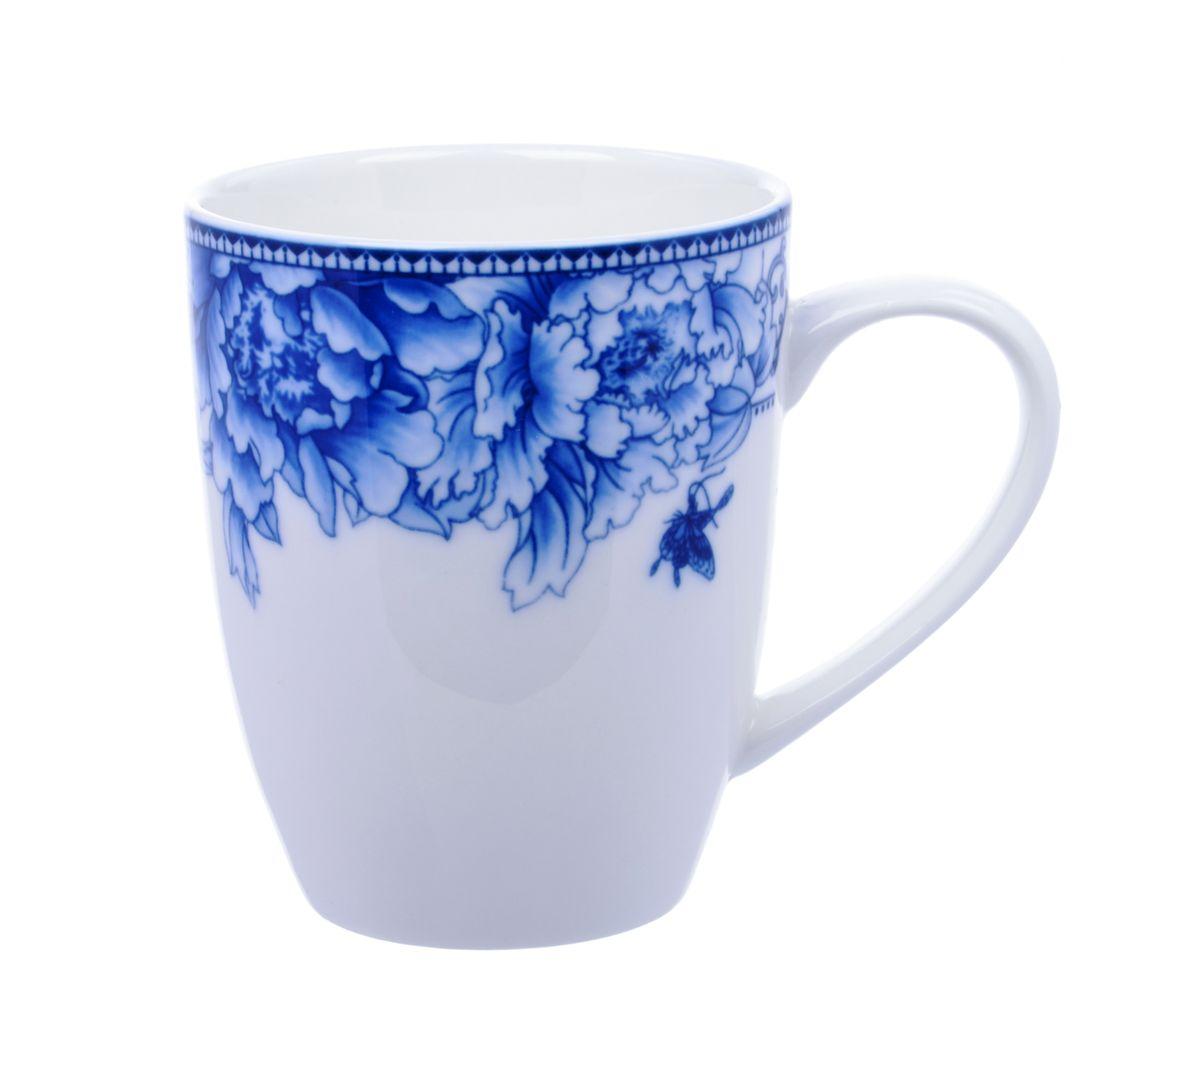 Кружка Nanshan Porcelain Наньшань, 300 мл54 009312Кружка Nanshan Porcelain Наньшань, выполненная из высококачественной керамики, декорирована цветочным узором. Изделие оснащено удобной ручкой. Кружка сочетает в себе оригинальный дизайн и функциональность. Благодаря такой кружке пить напитки будет еще вкуснее. Кружка Nanshan Porcelain Наньшань согреет вас долгими холодными вечерами. Можно использовать в посудомоечной машине и микроволновой печи. Объем: 300 мл.Диаметр (по верхнему краю): 8 см.Высота кружки: 10 см.